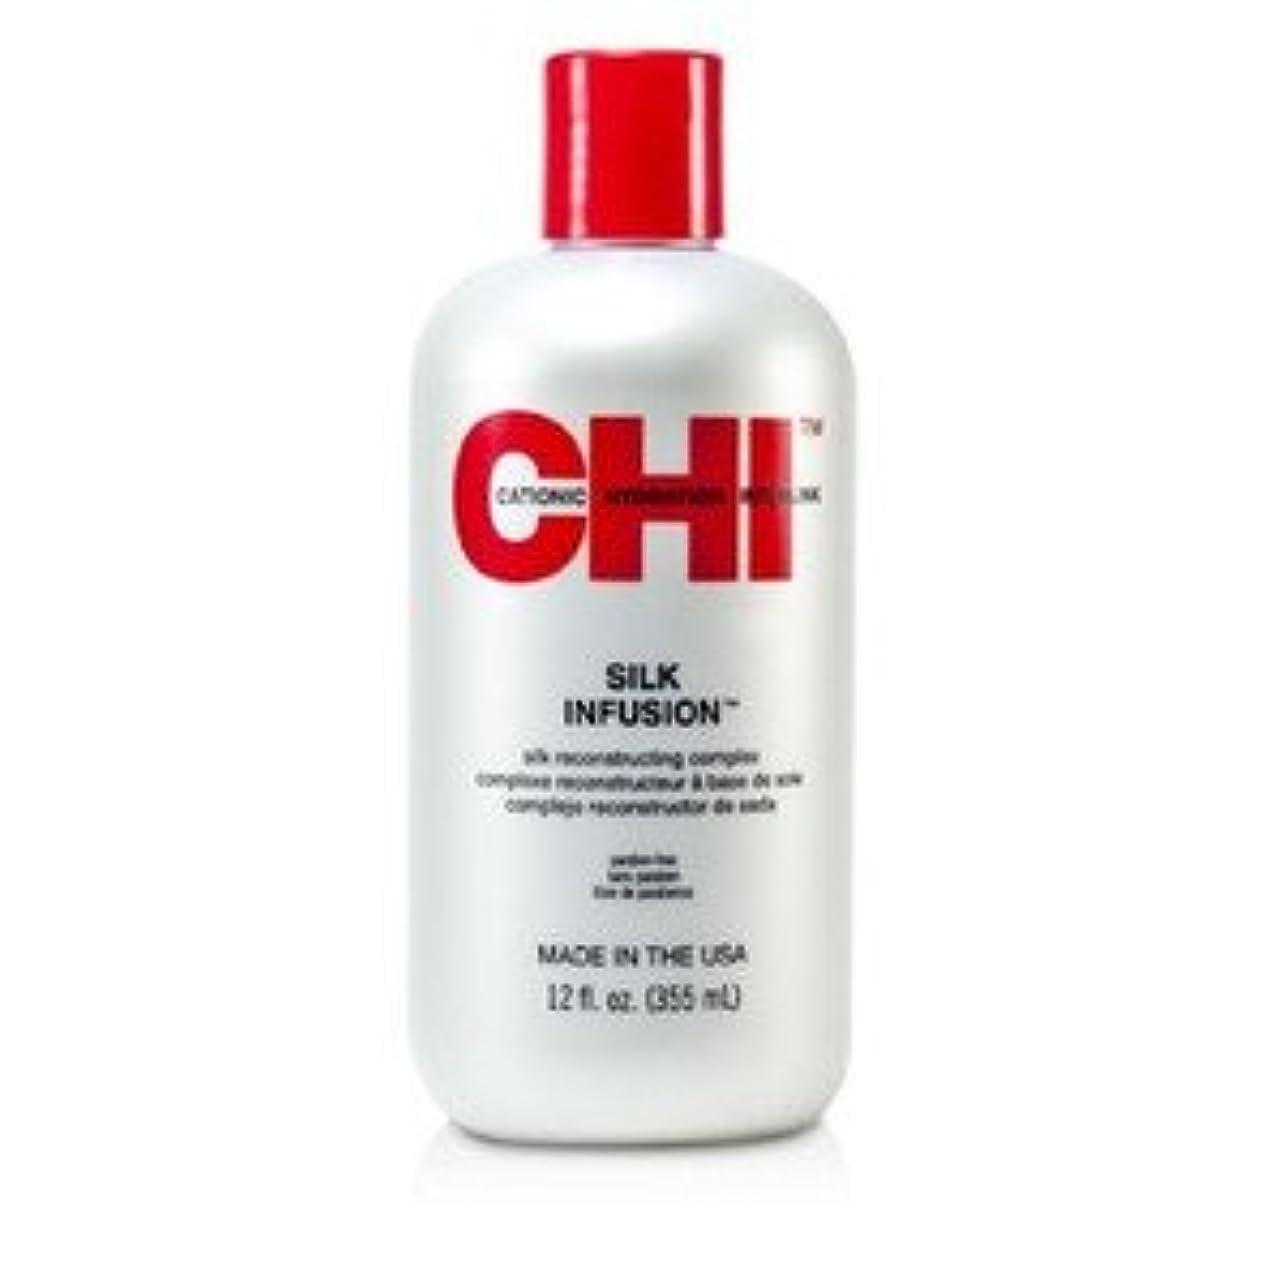 革命的床を掃除する価値のないCHI シルク インフュージョン シルク リコンストラクティング コンプレックス 355ml/12oz [並行輸入品]